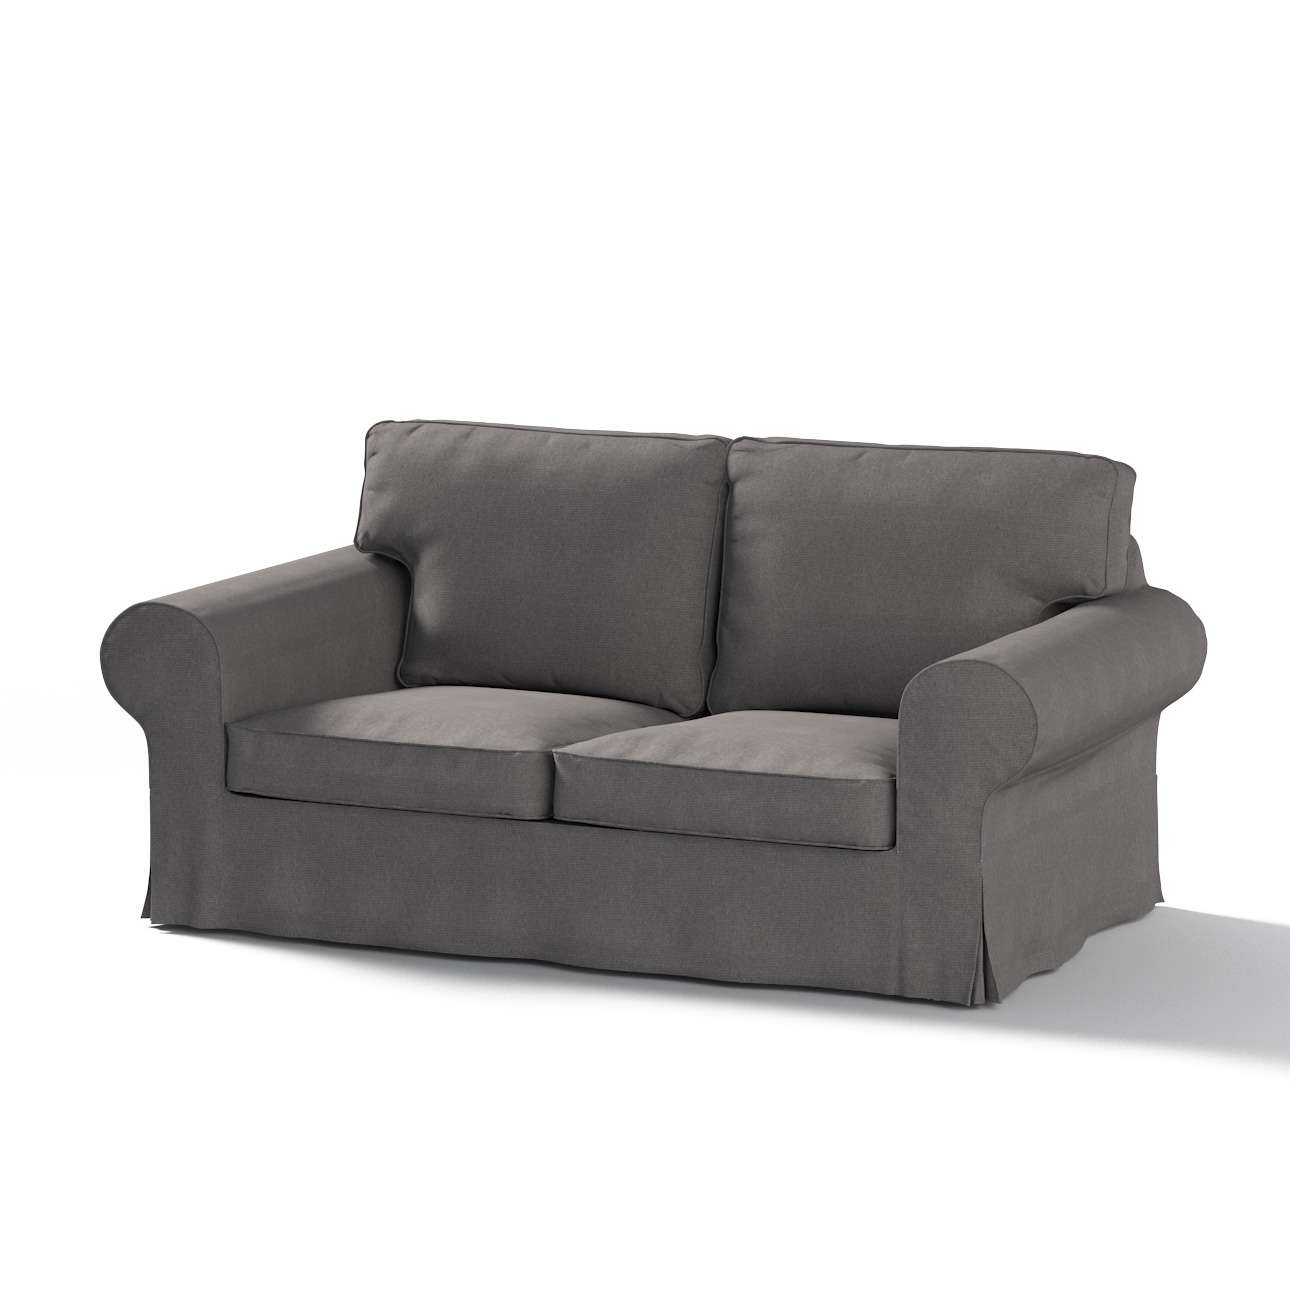 Pokrowiec na sofę Ektorp 2-osobową, rozkładaną, model do 2012 w kolekcji Etna, tkanina: 705-35